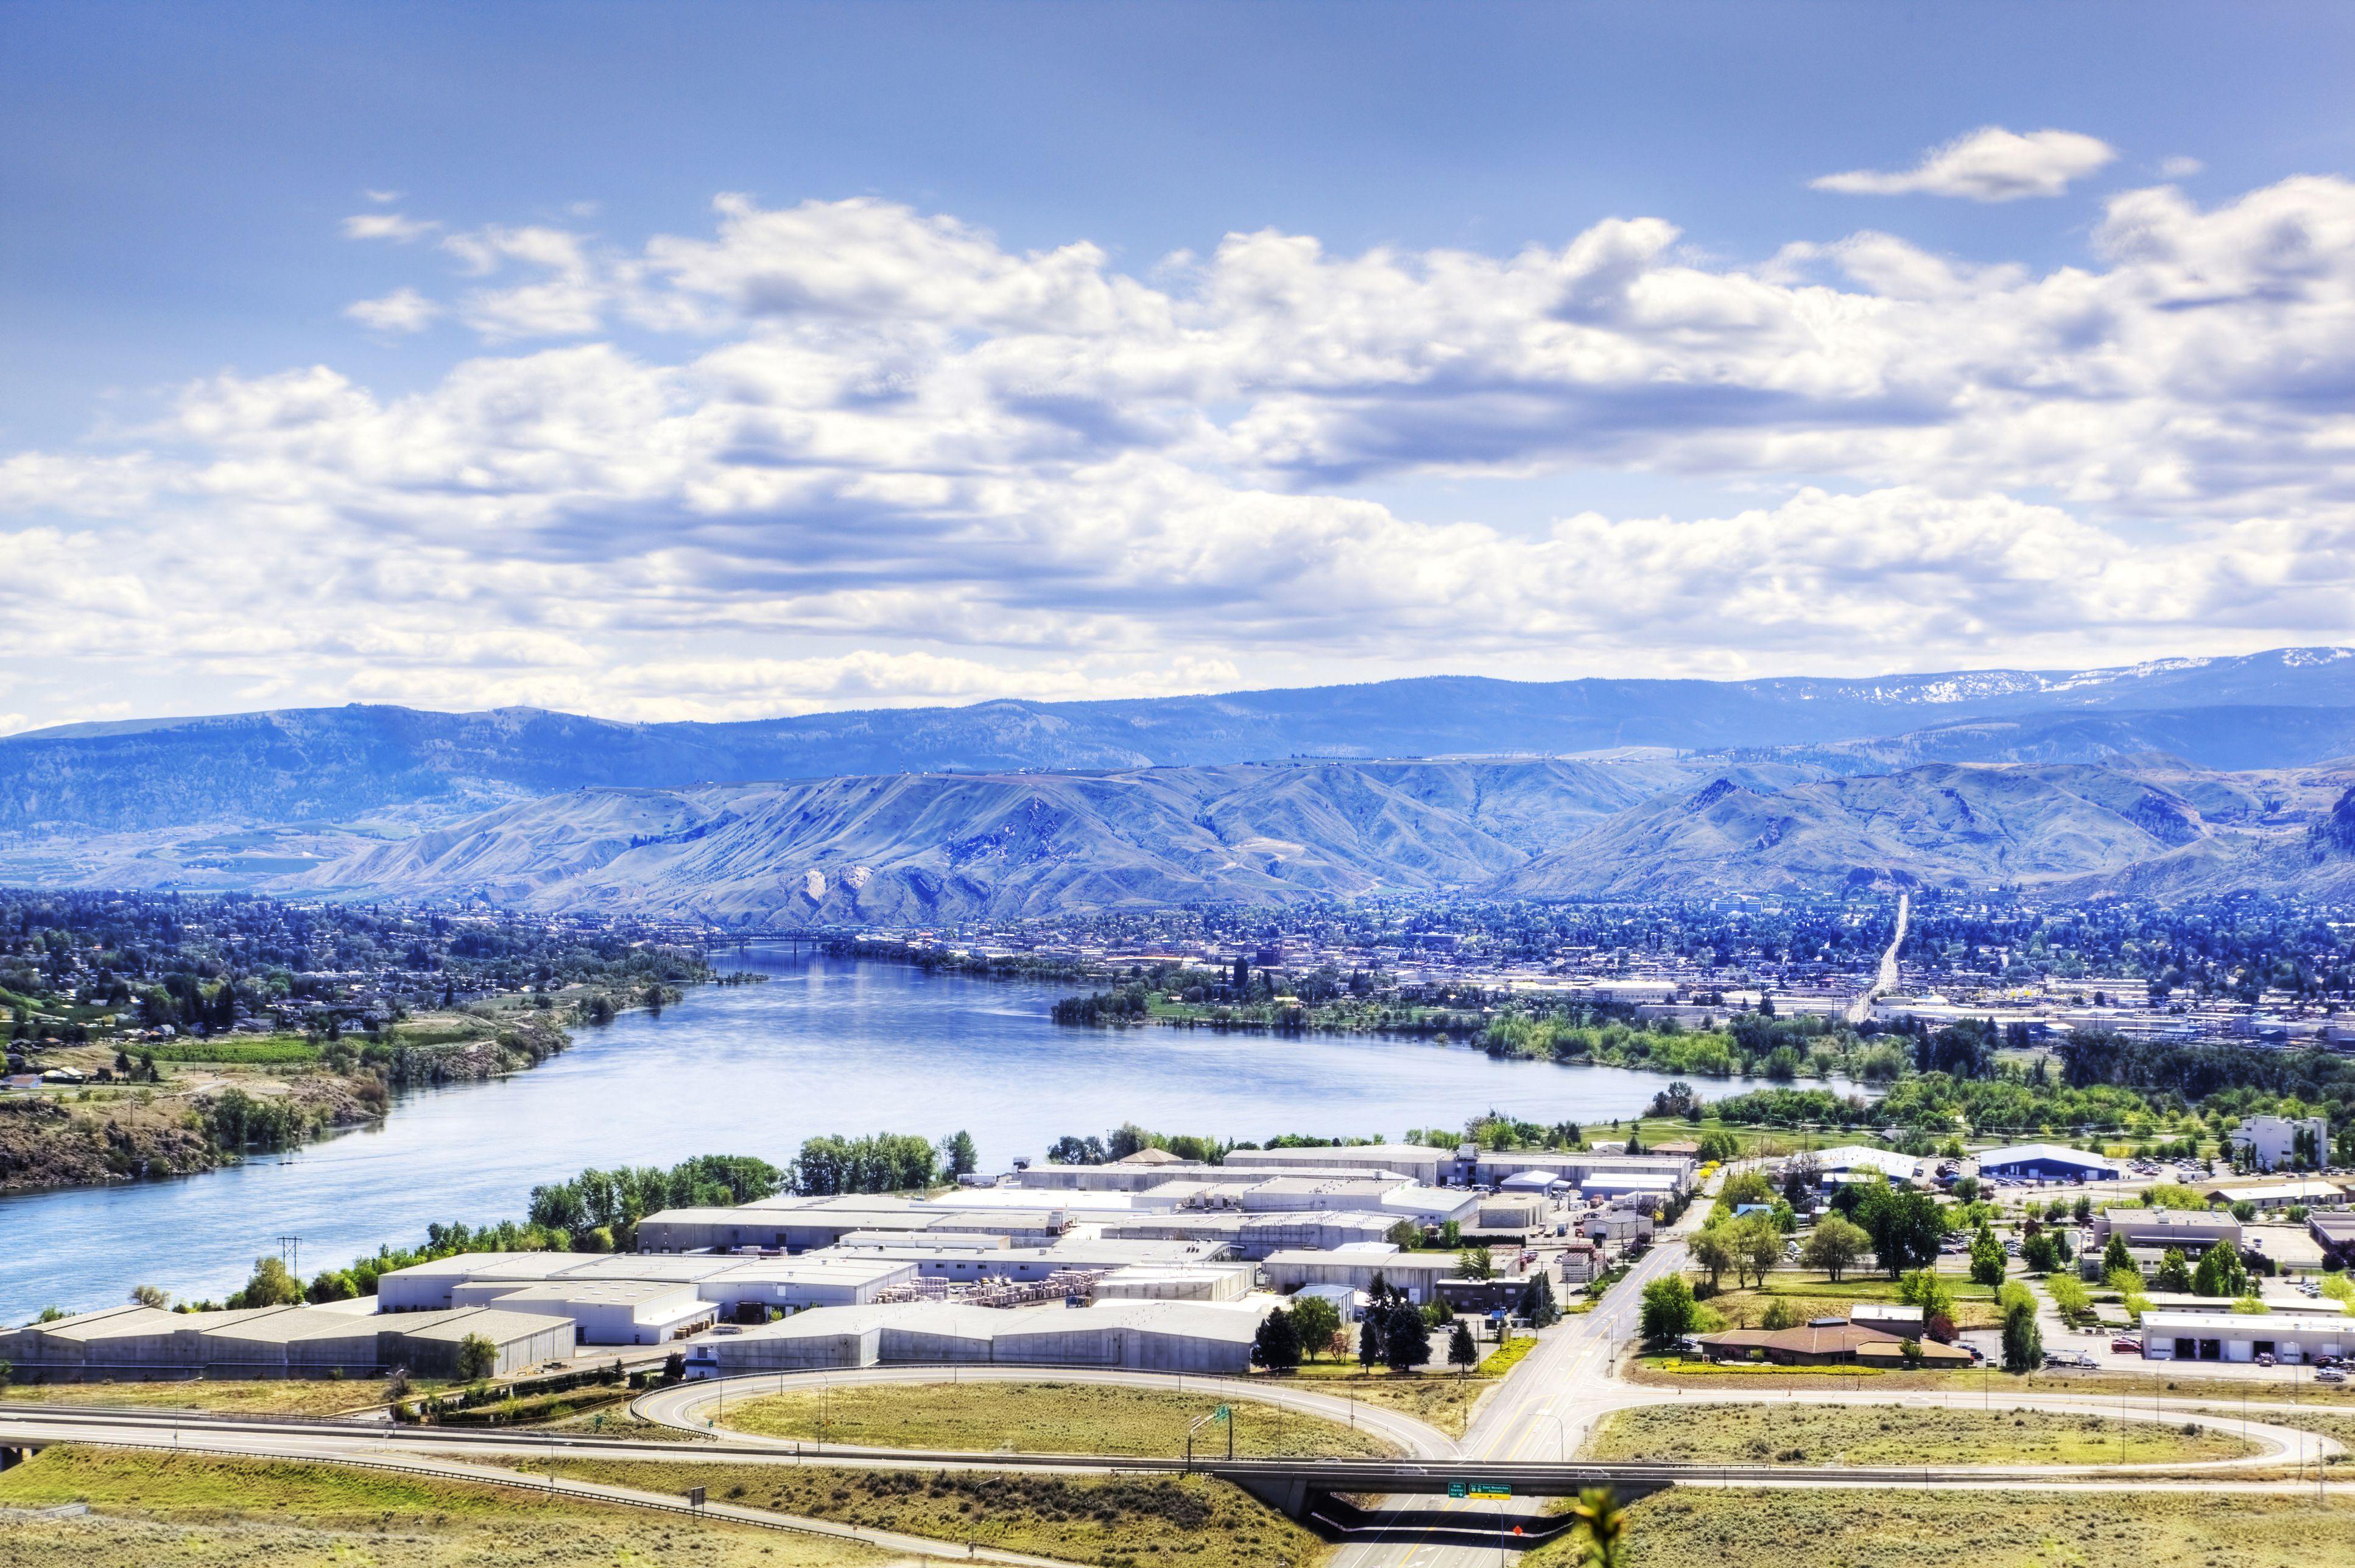 Wenatchee cityscape and mountain landscape, Washington, United States